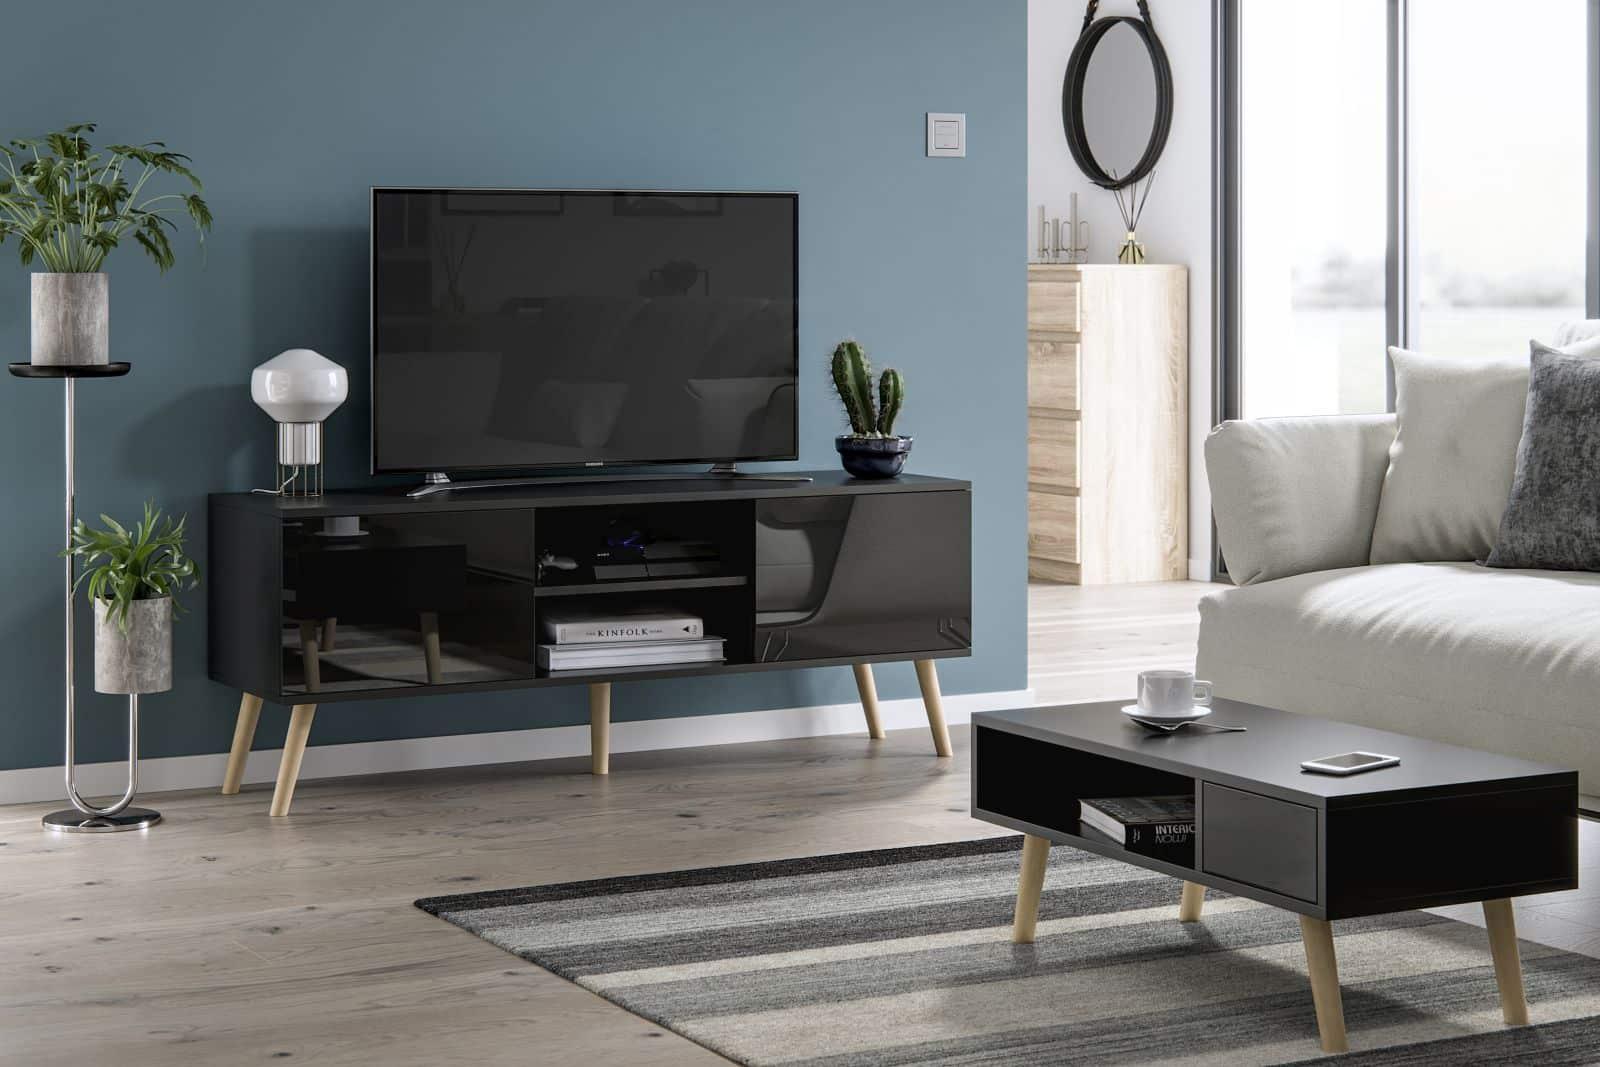 meubles de salon table basse juliette et meuble tv romeo noir brillant